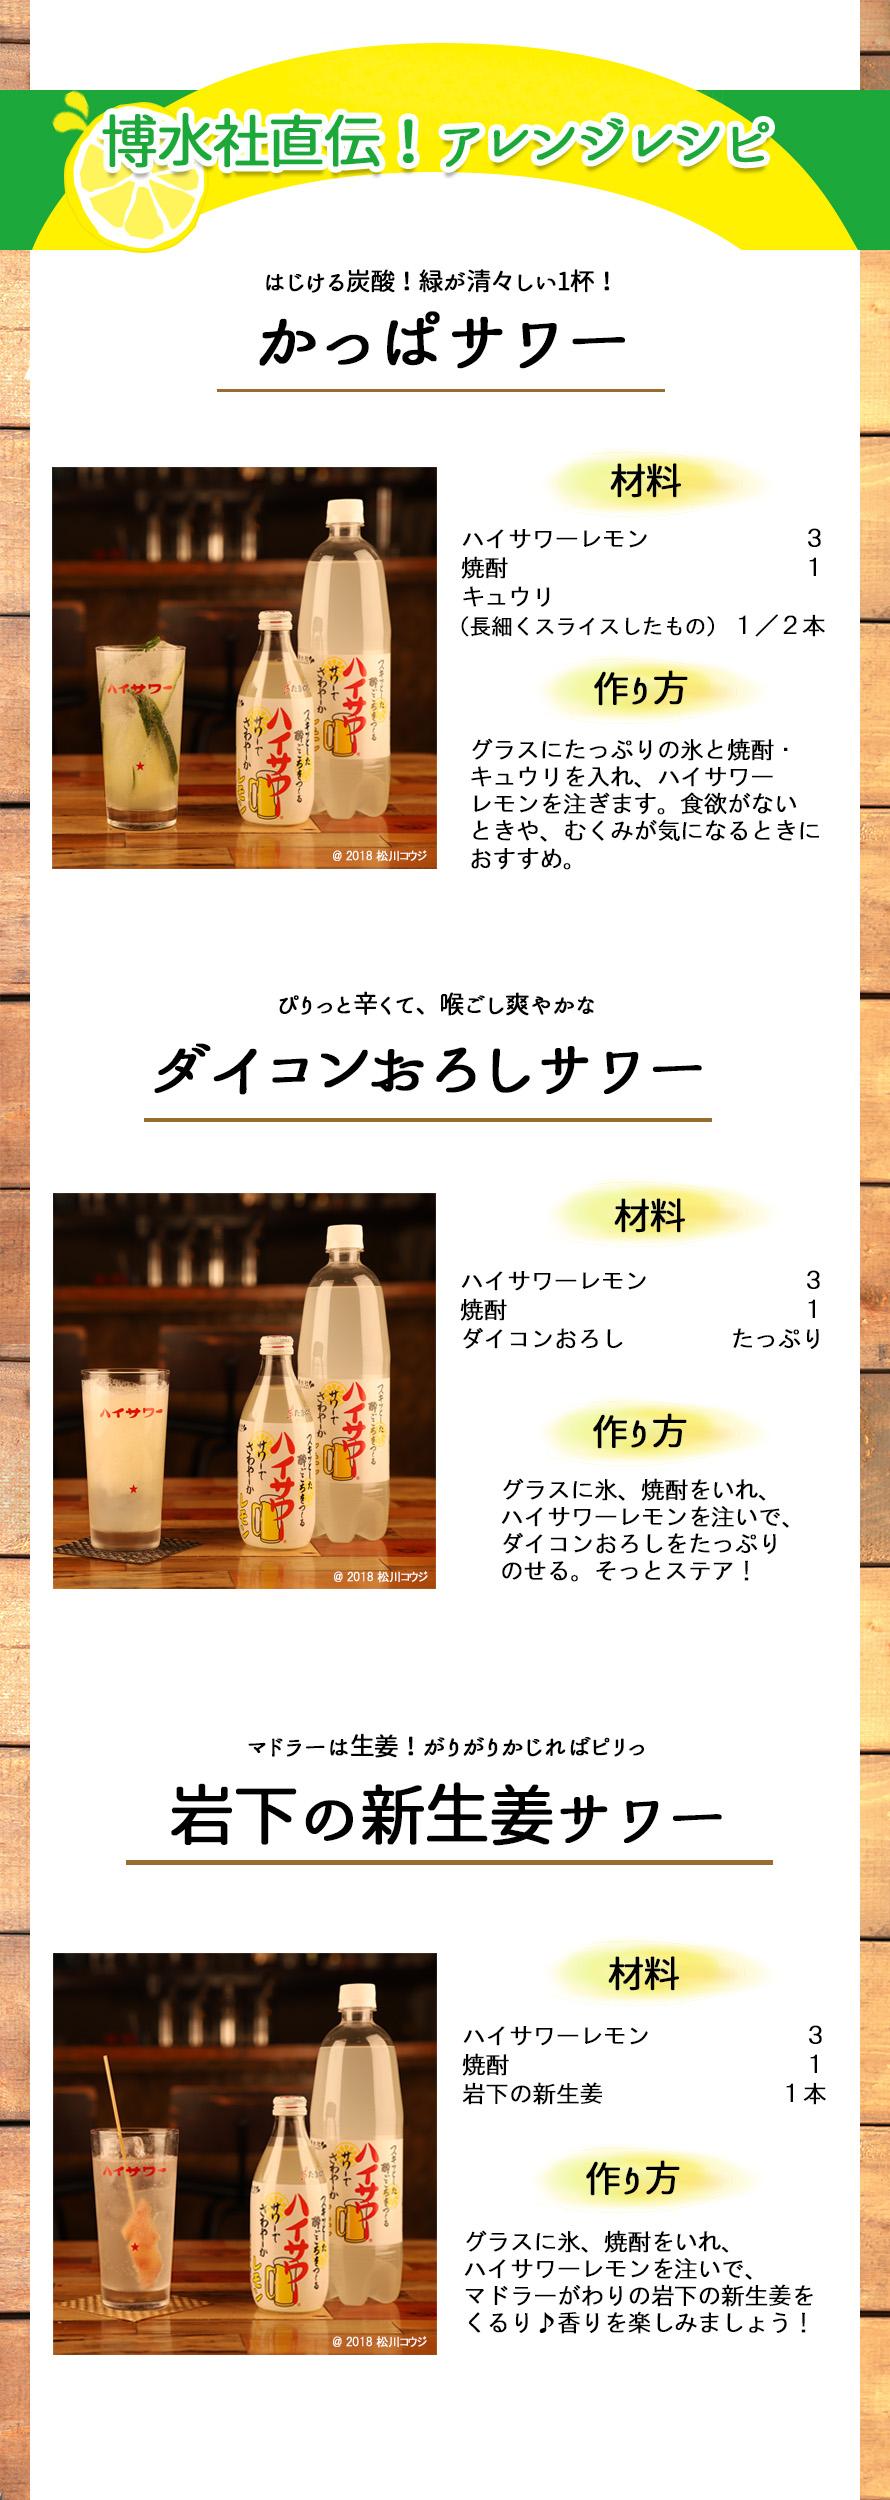 博水社直伝!オリジナルレモンサワー